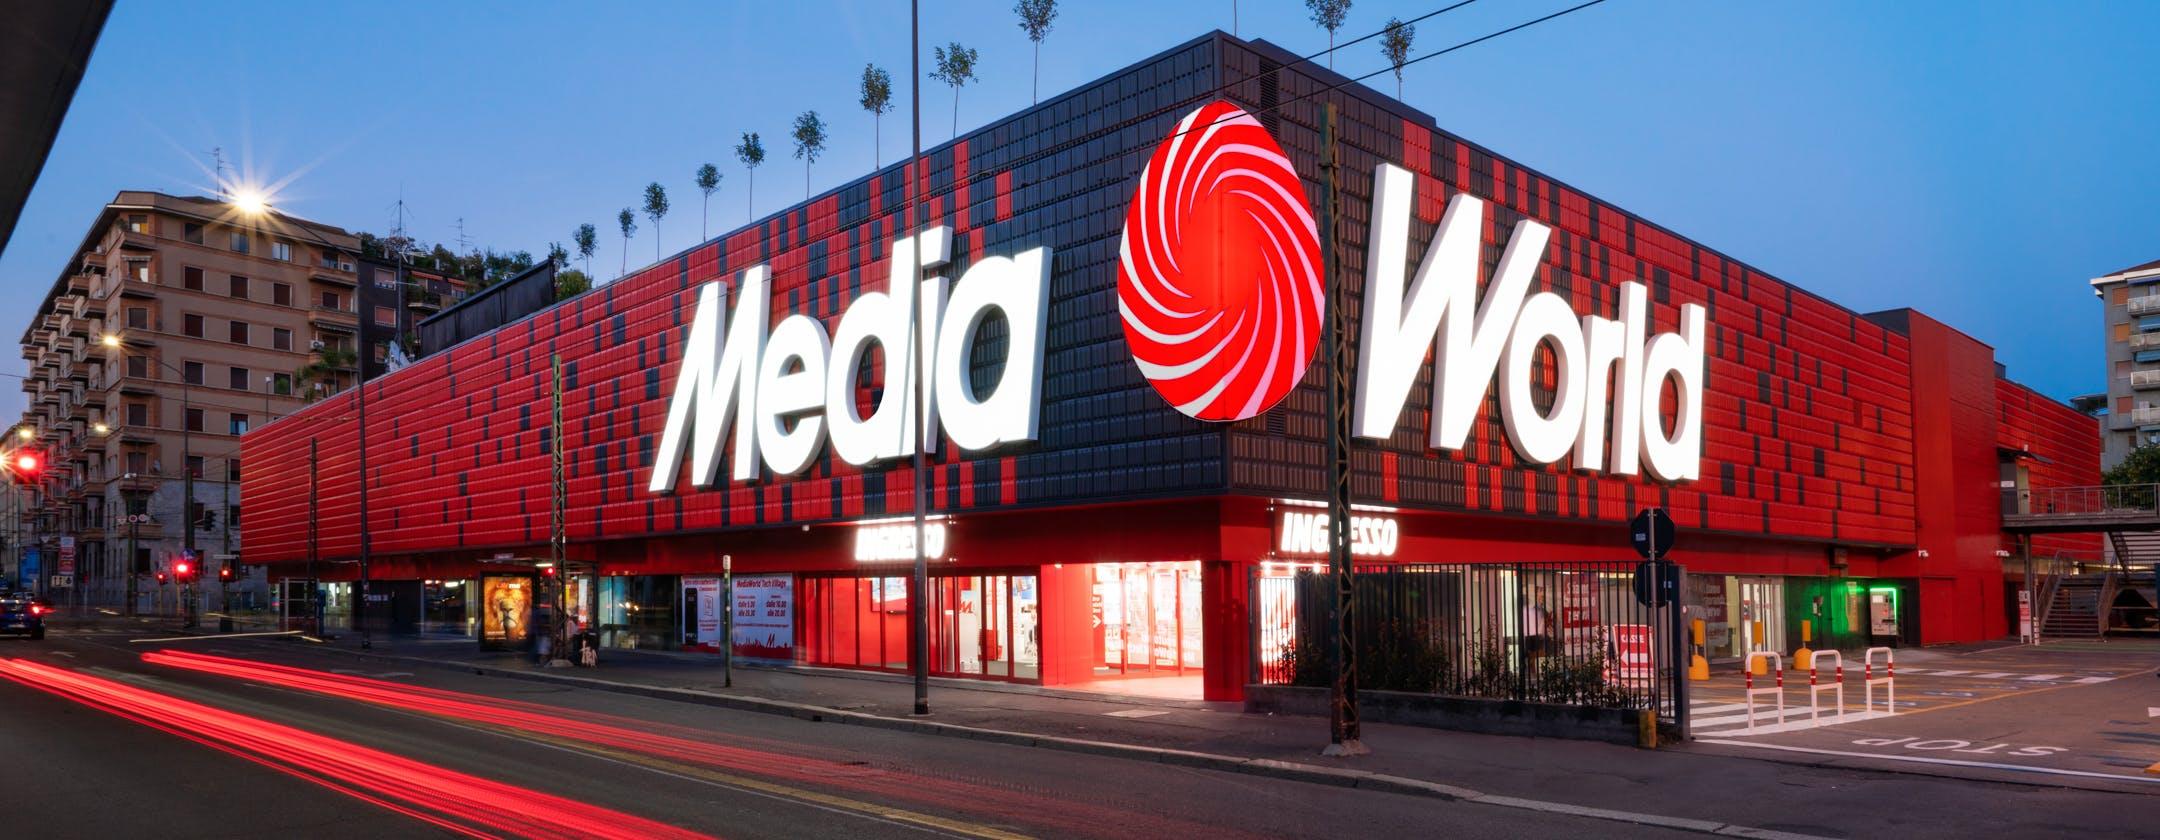 Nasce a Milano MediaWorld Tech Village, il superstore di elettronica più bello con 24 negozi monobrand. La nostra visita virtuale